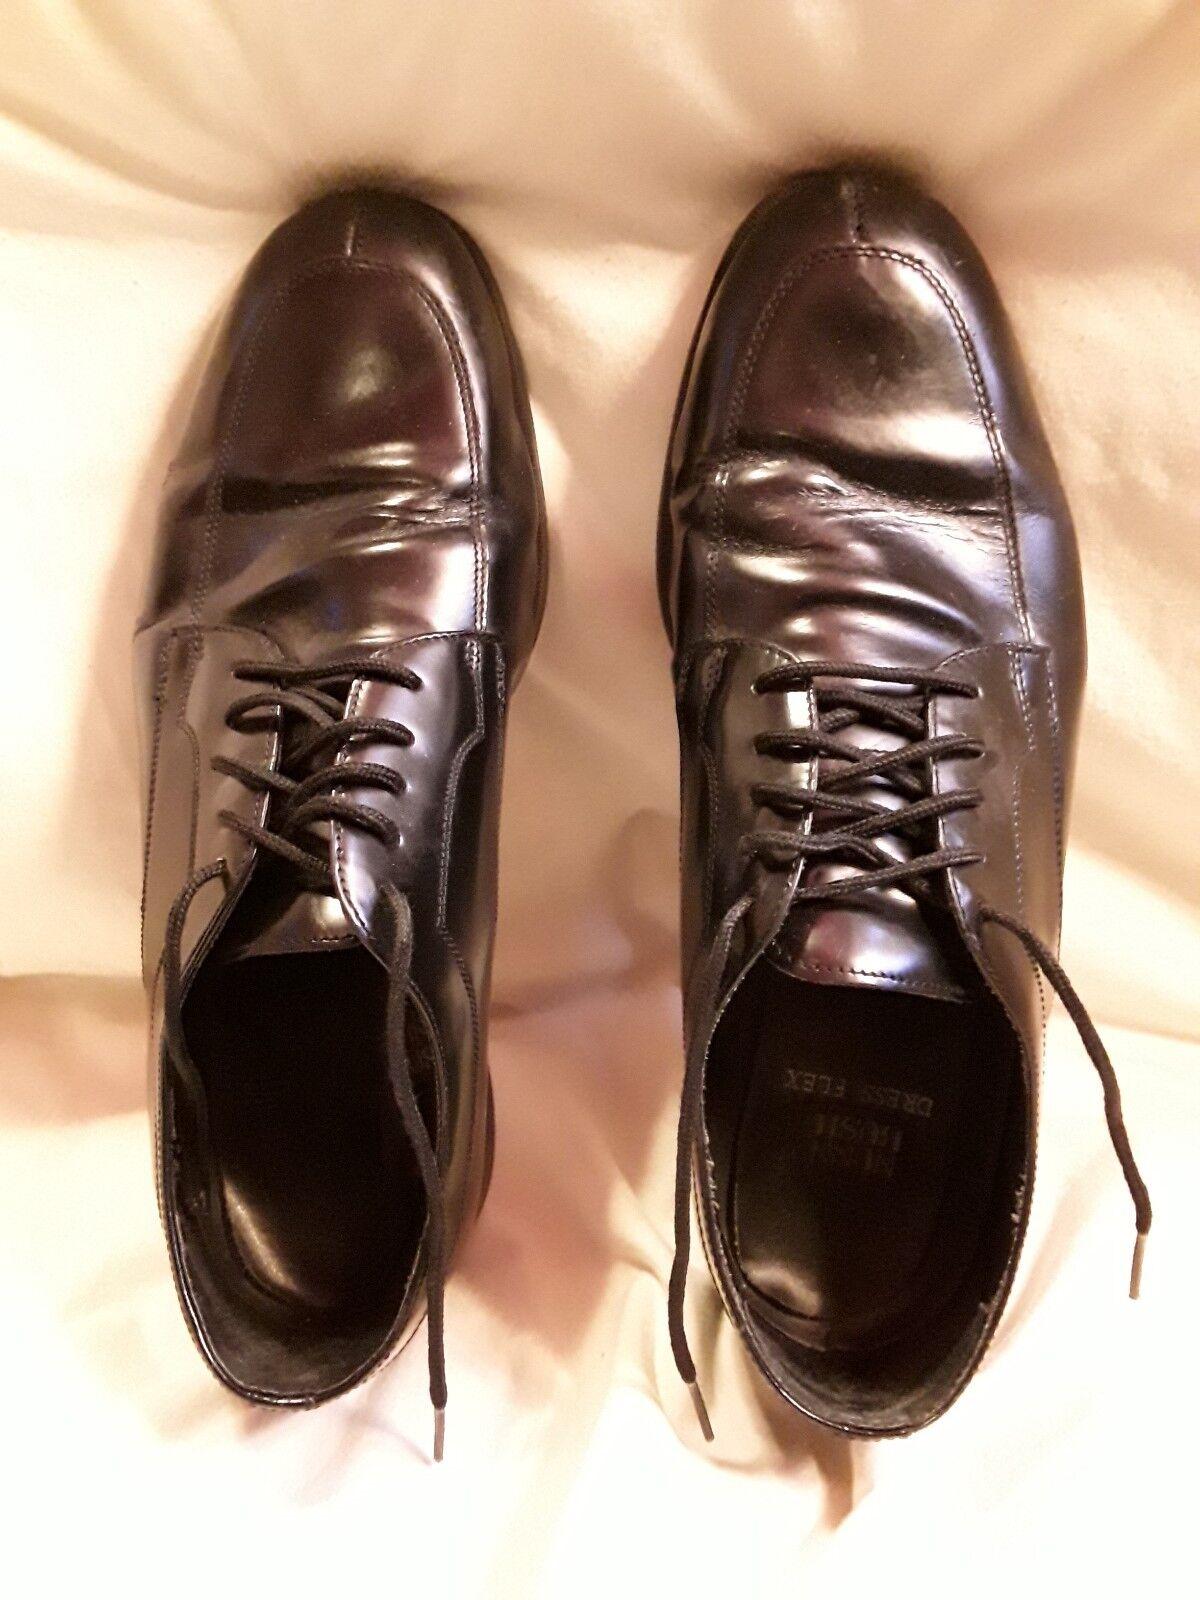 Men's Nunn Bush Dress Flex Size 13M Leather shoes